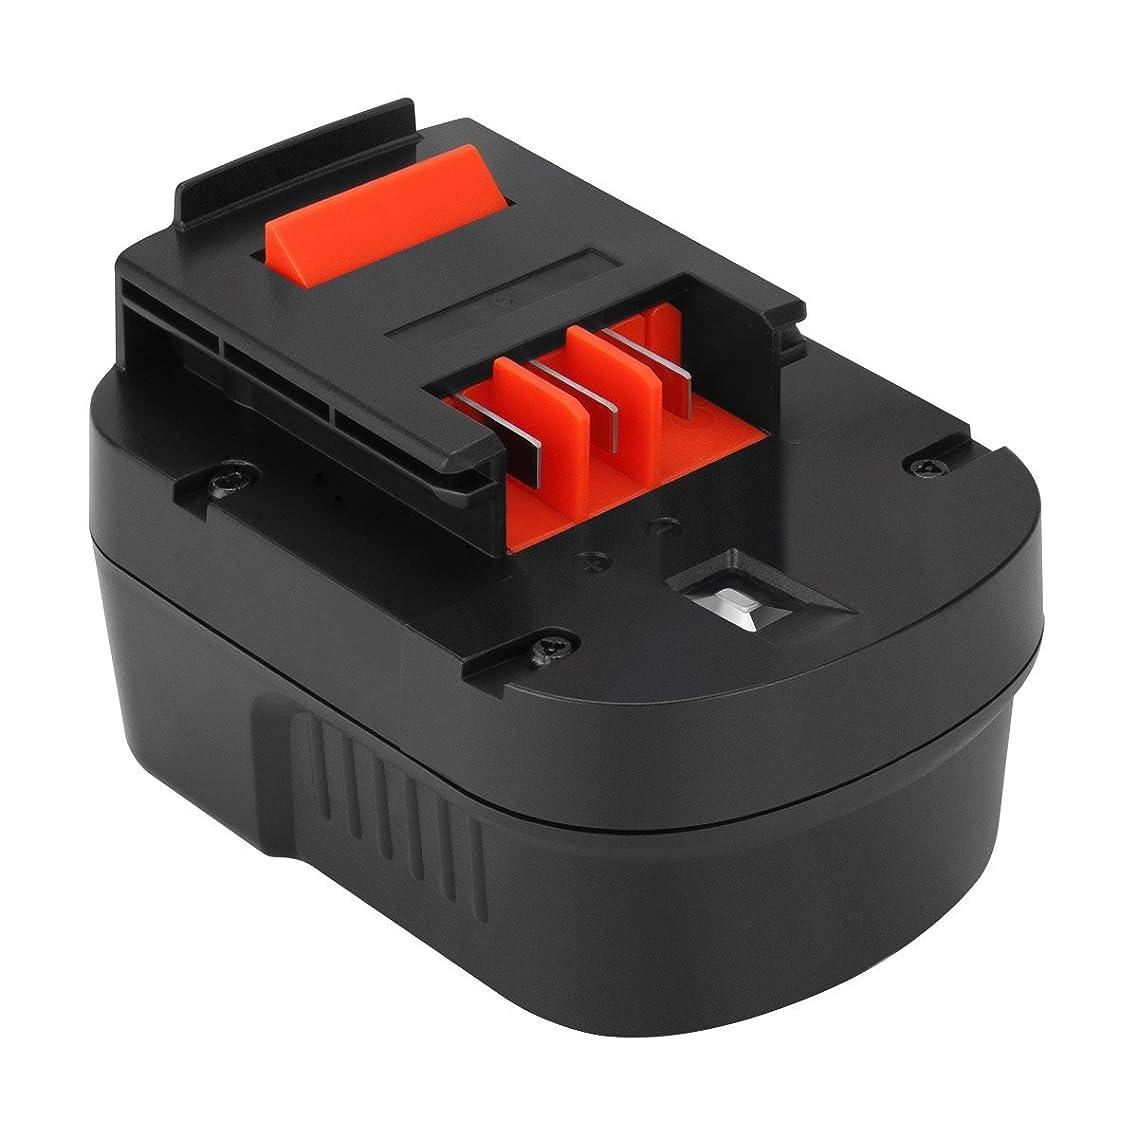 スカウト恐ろしいです中止しますShentec 12V 3.0Ah バッテリー 互換性のある BLACK+DECKER (ブラック?アンド?デッカー) A12 A12EX A12-XJ A1712 B-8315 BD-1204L BD1204L BPT1047 FS120B FS120BX FSB12 HPB12 スライドバッテリー 互換バッテリー ニッケル水素